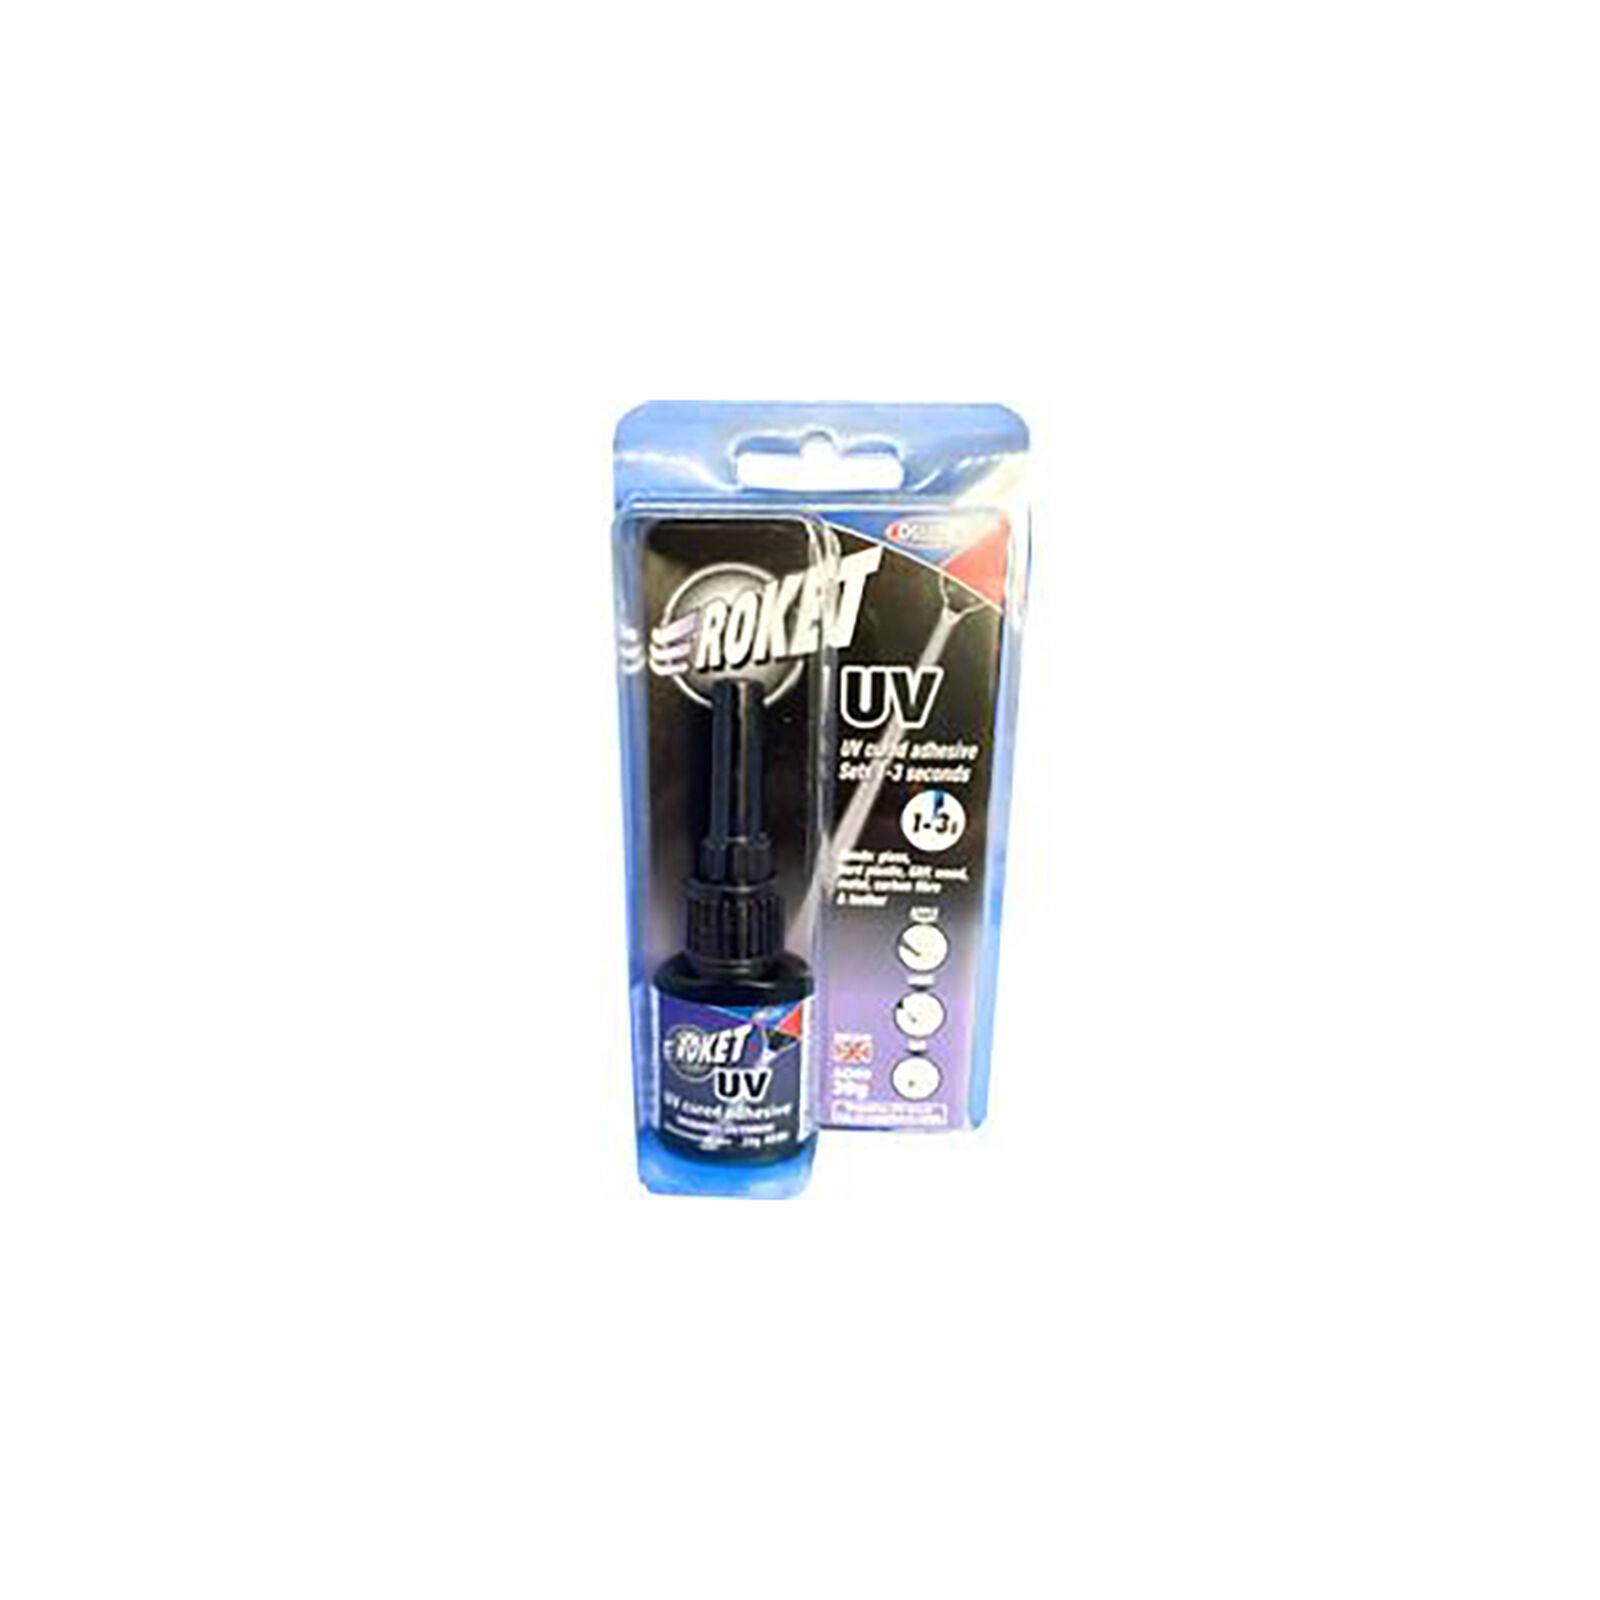 Roket UV 20g